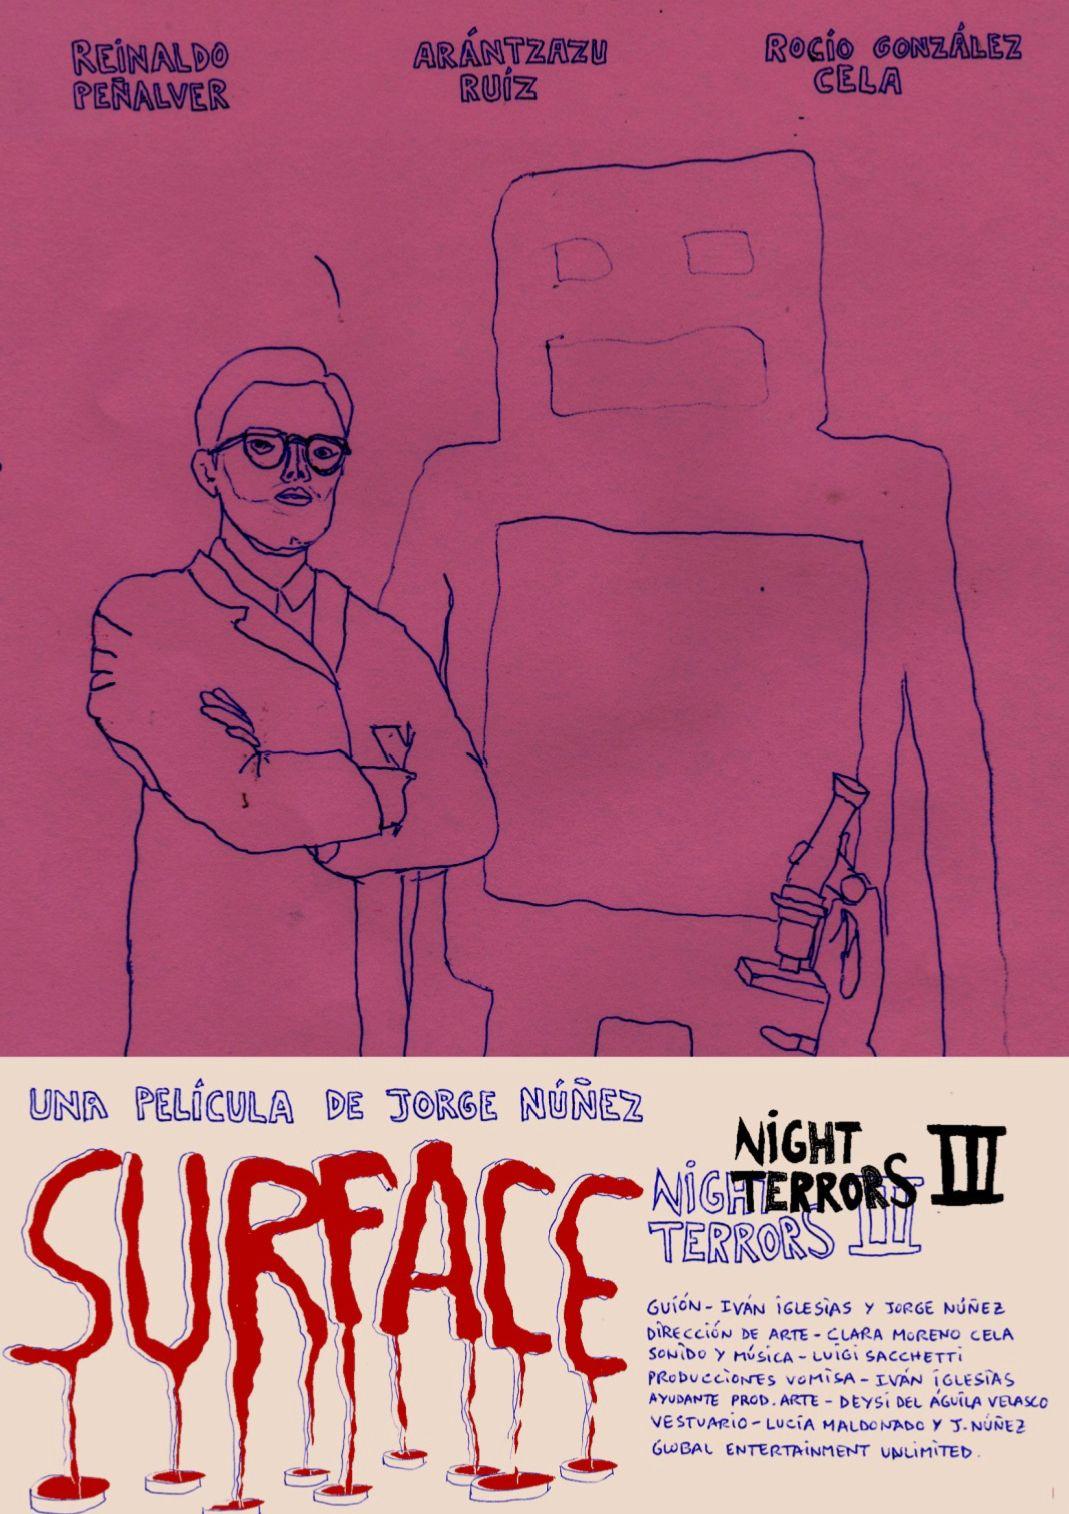 Night Terrors 3 Surface Proyección Madrid - Otro Cine Estreno